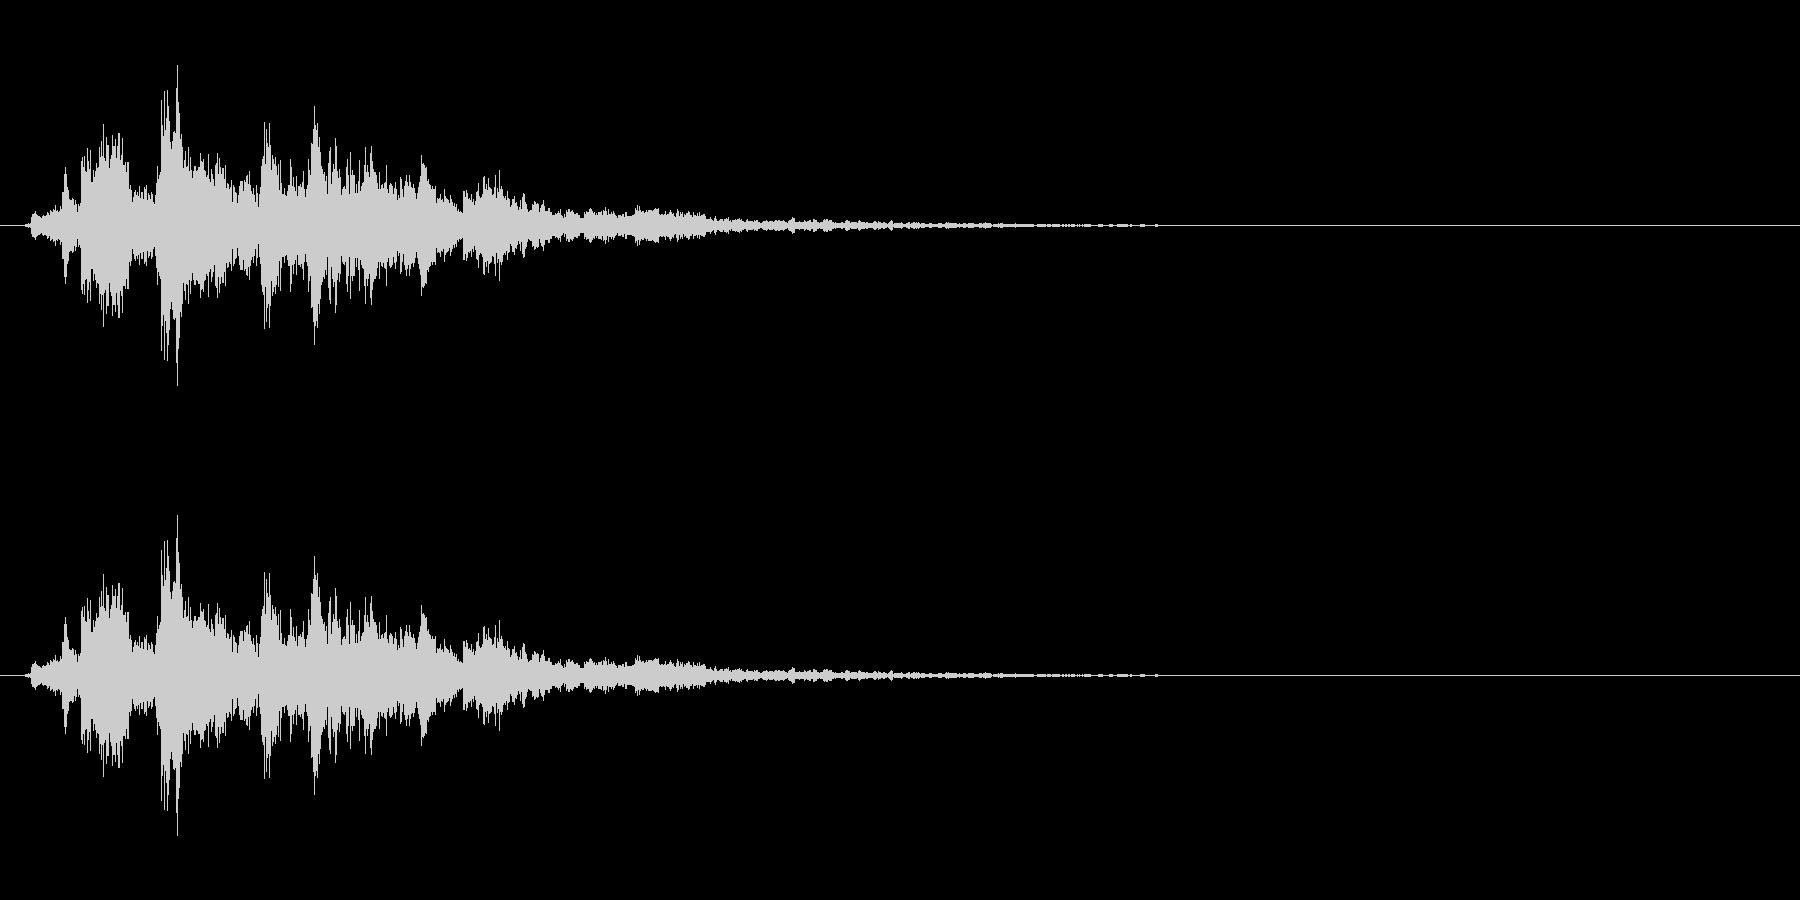 音侍「シャシャシャン」ツリーベルの振り音の未再生の波形